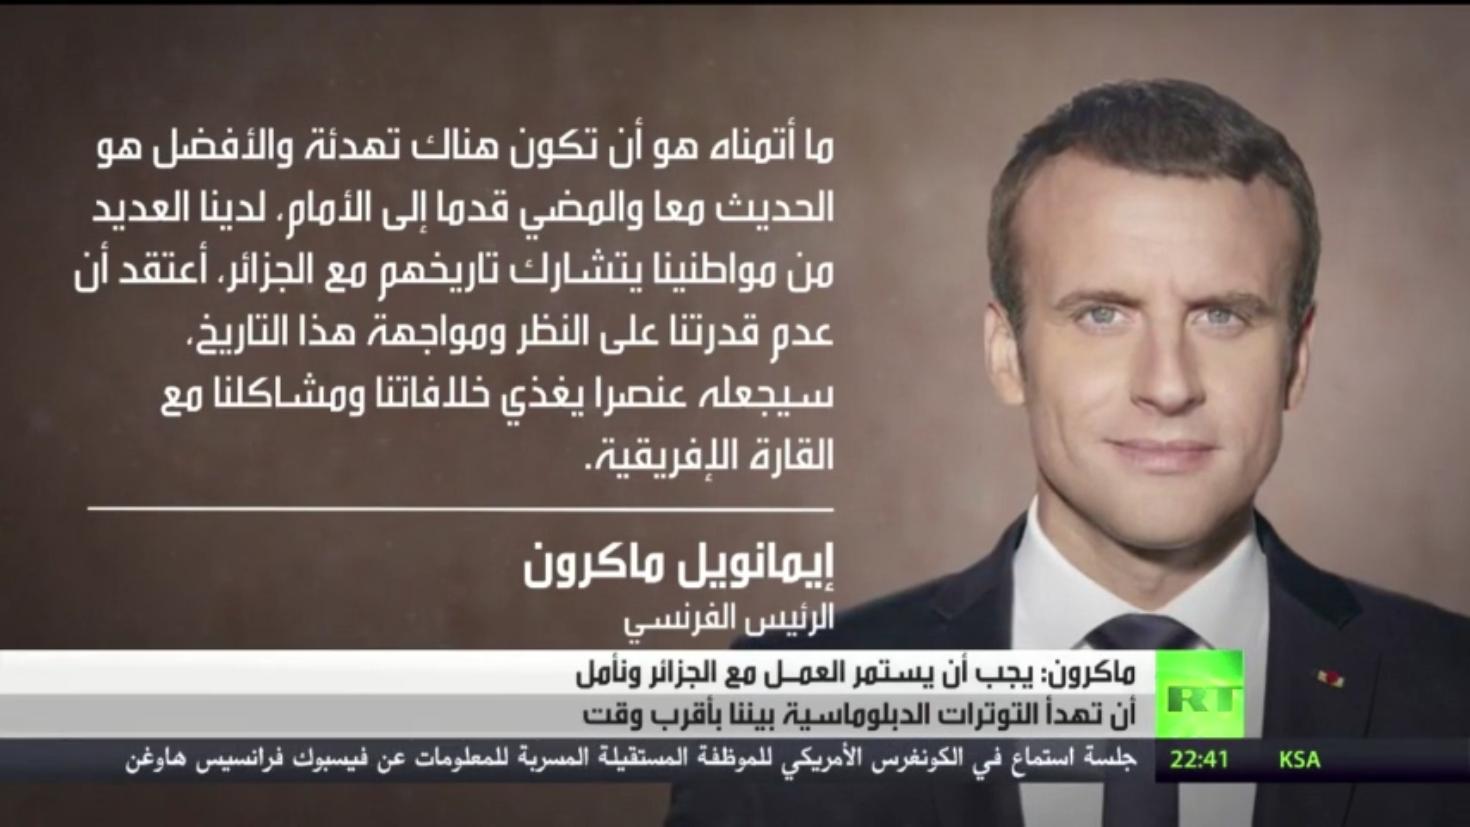 ماكرون: العمل مع الجزائر يجب أن يستمر